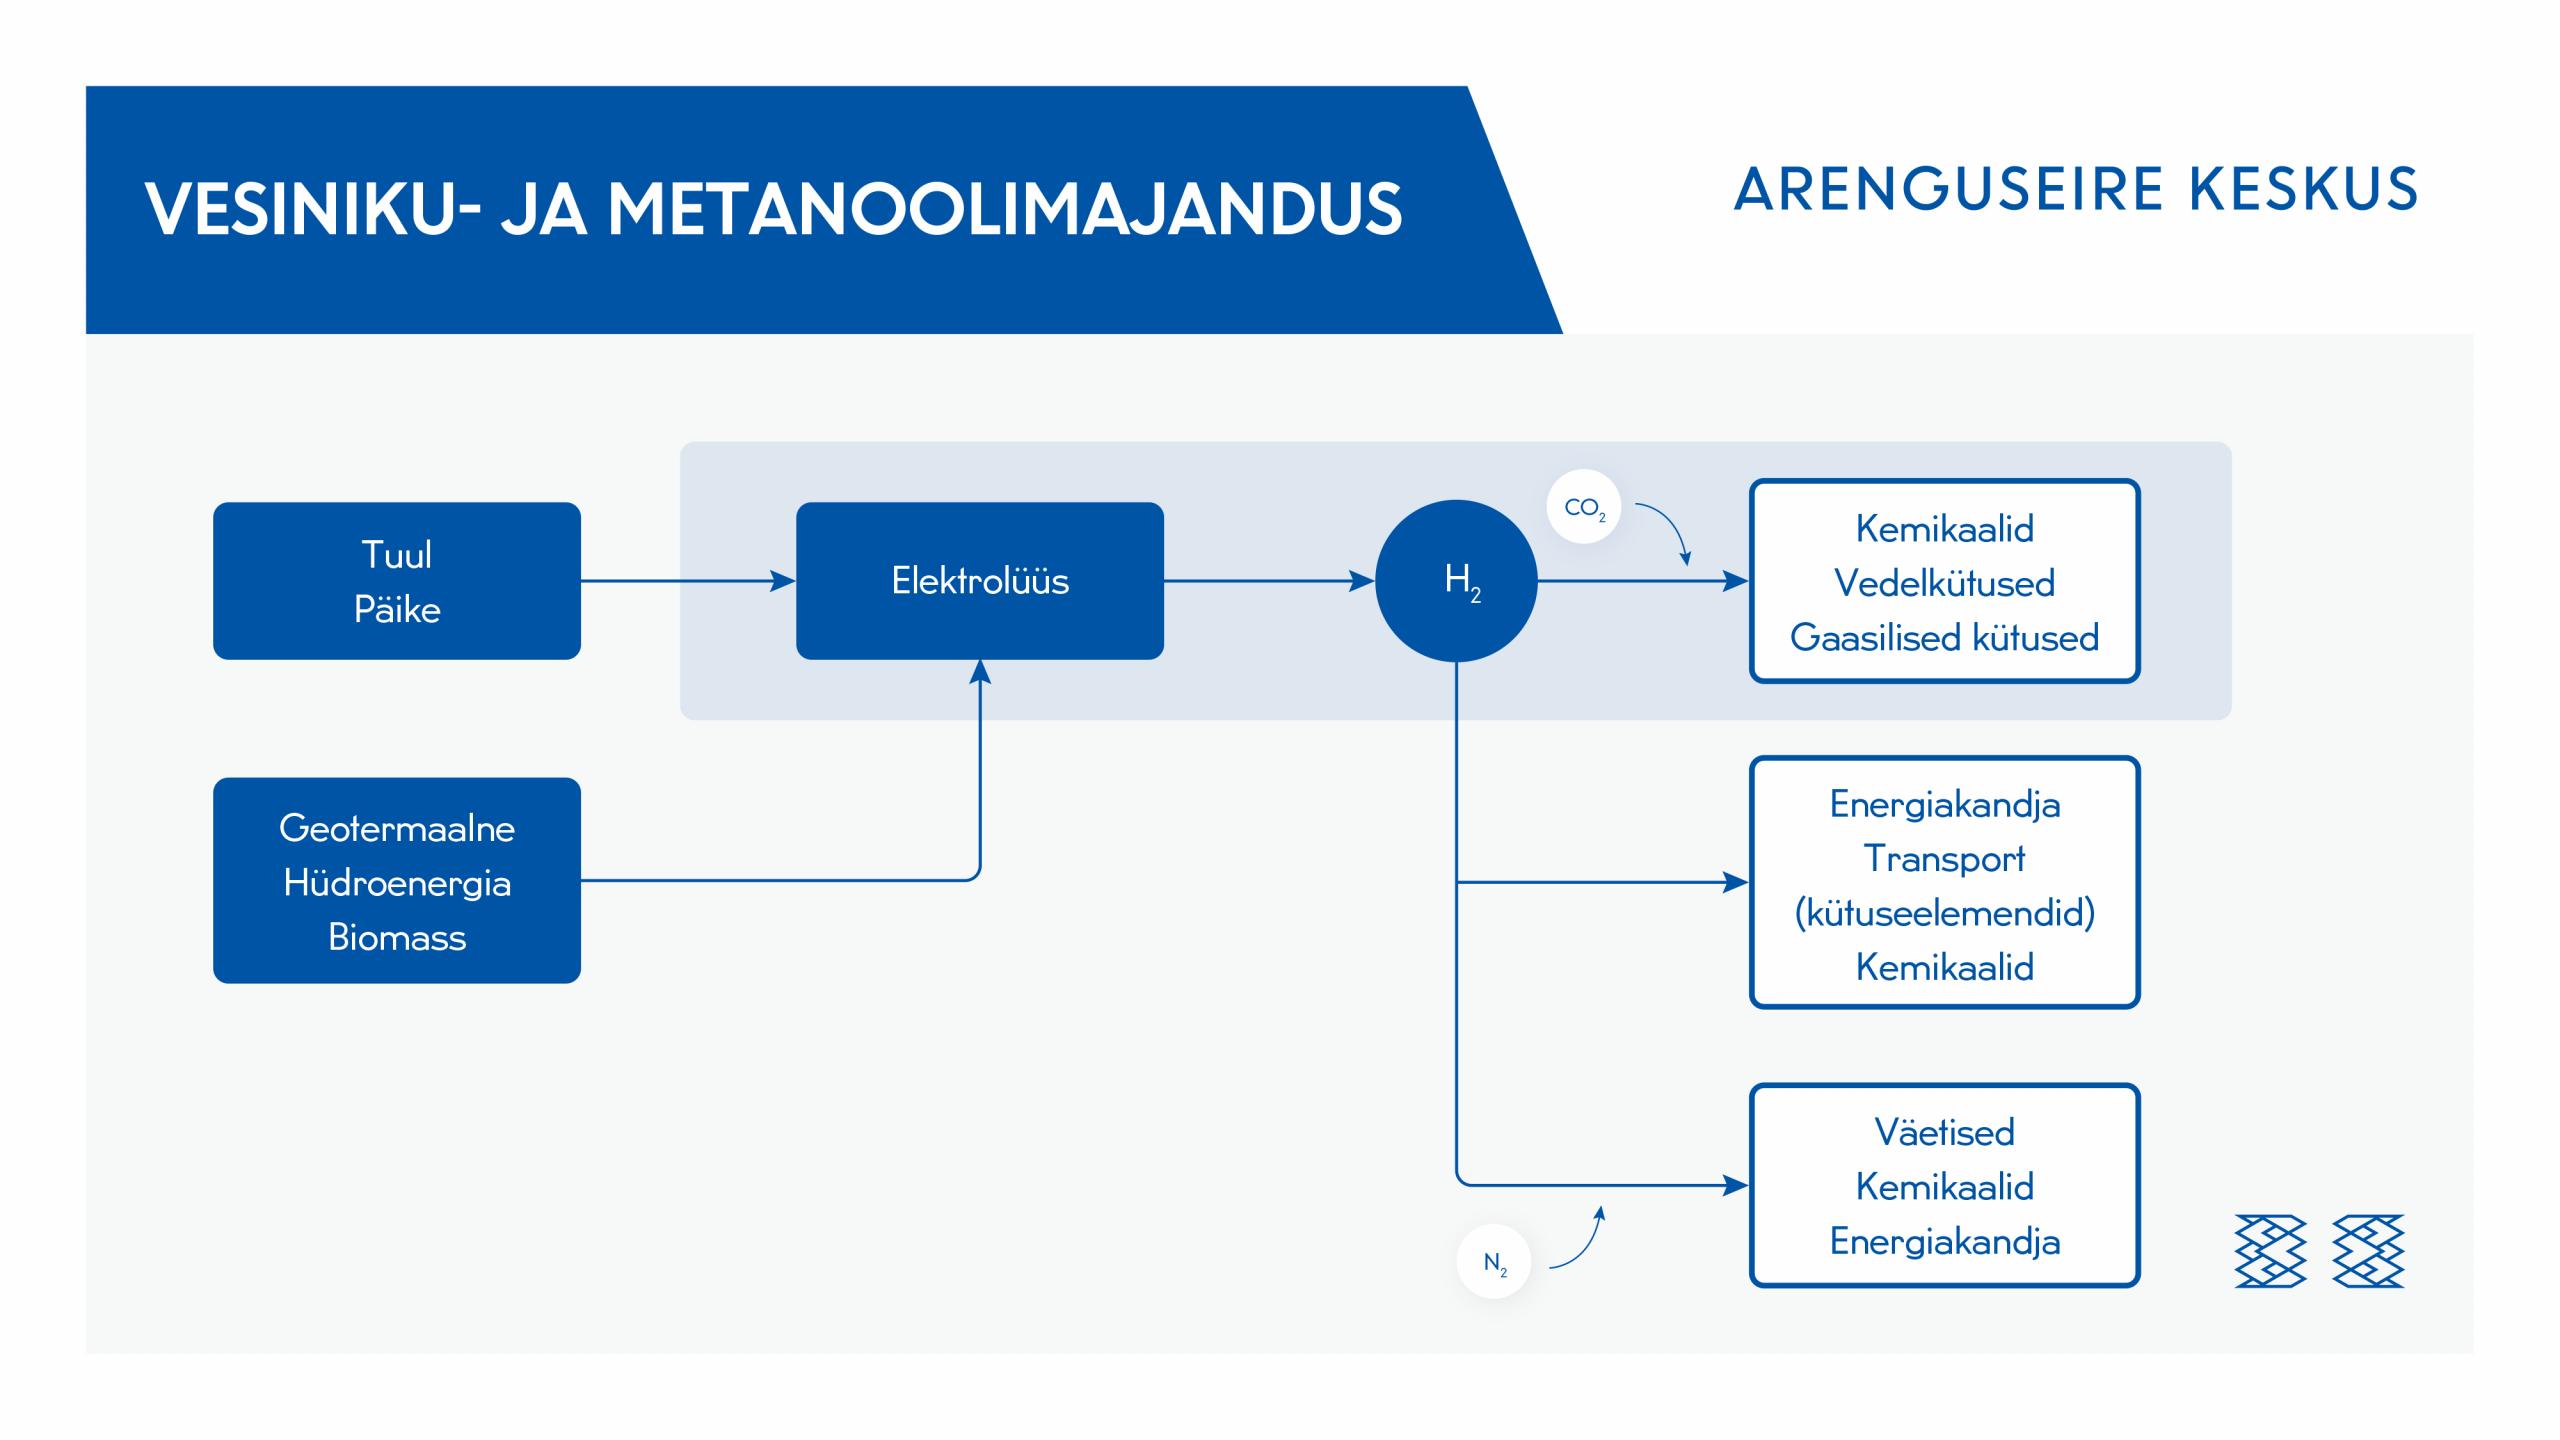 Joonis. Vesiniku- ja metanoolimajandus